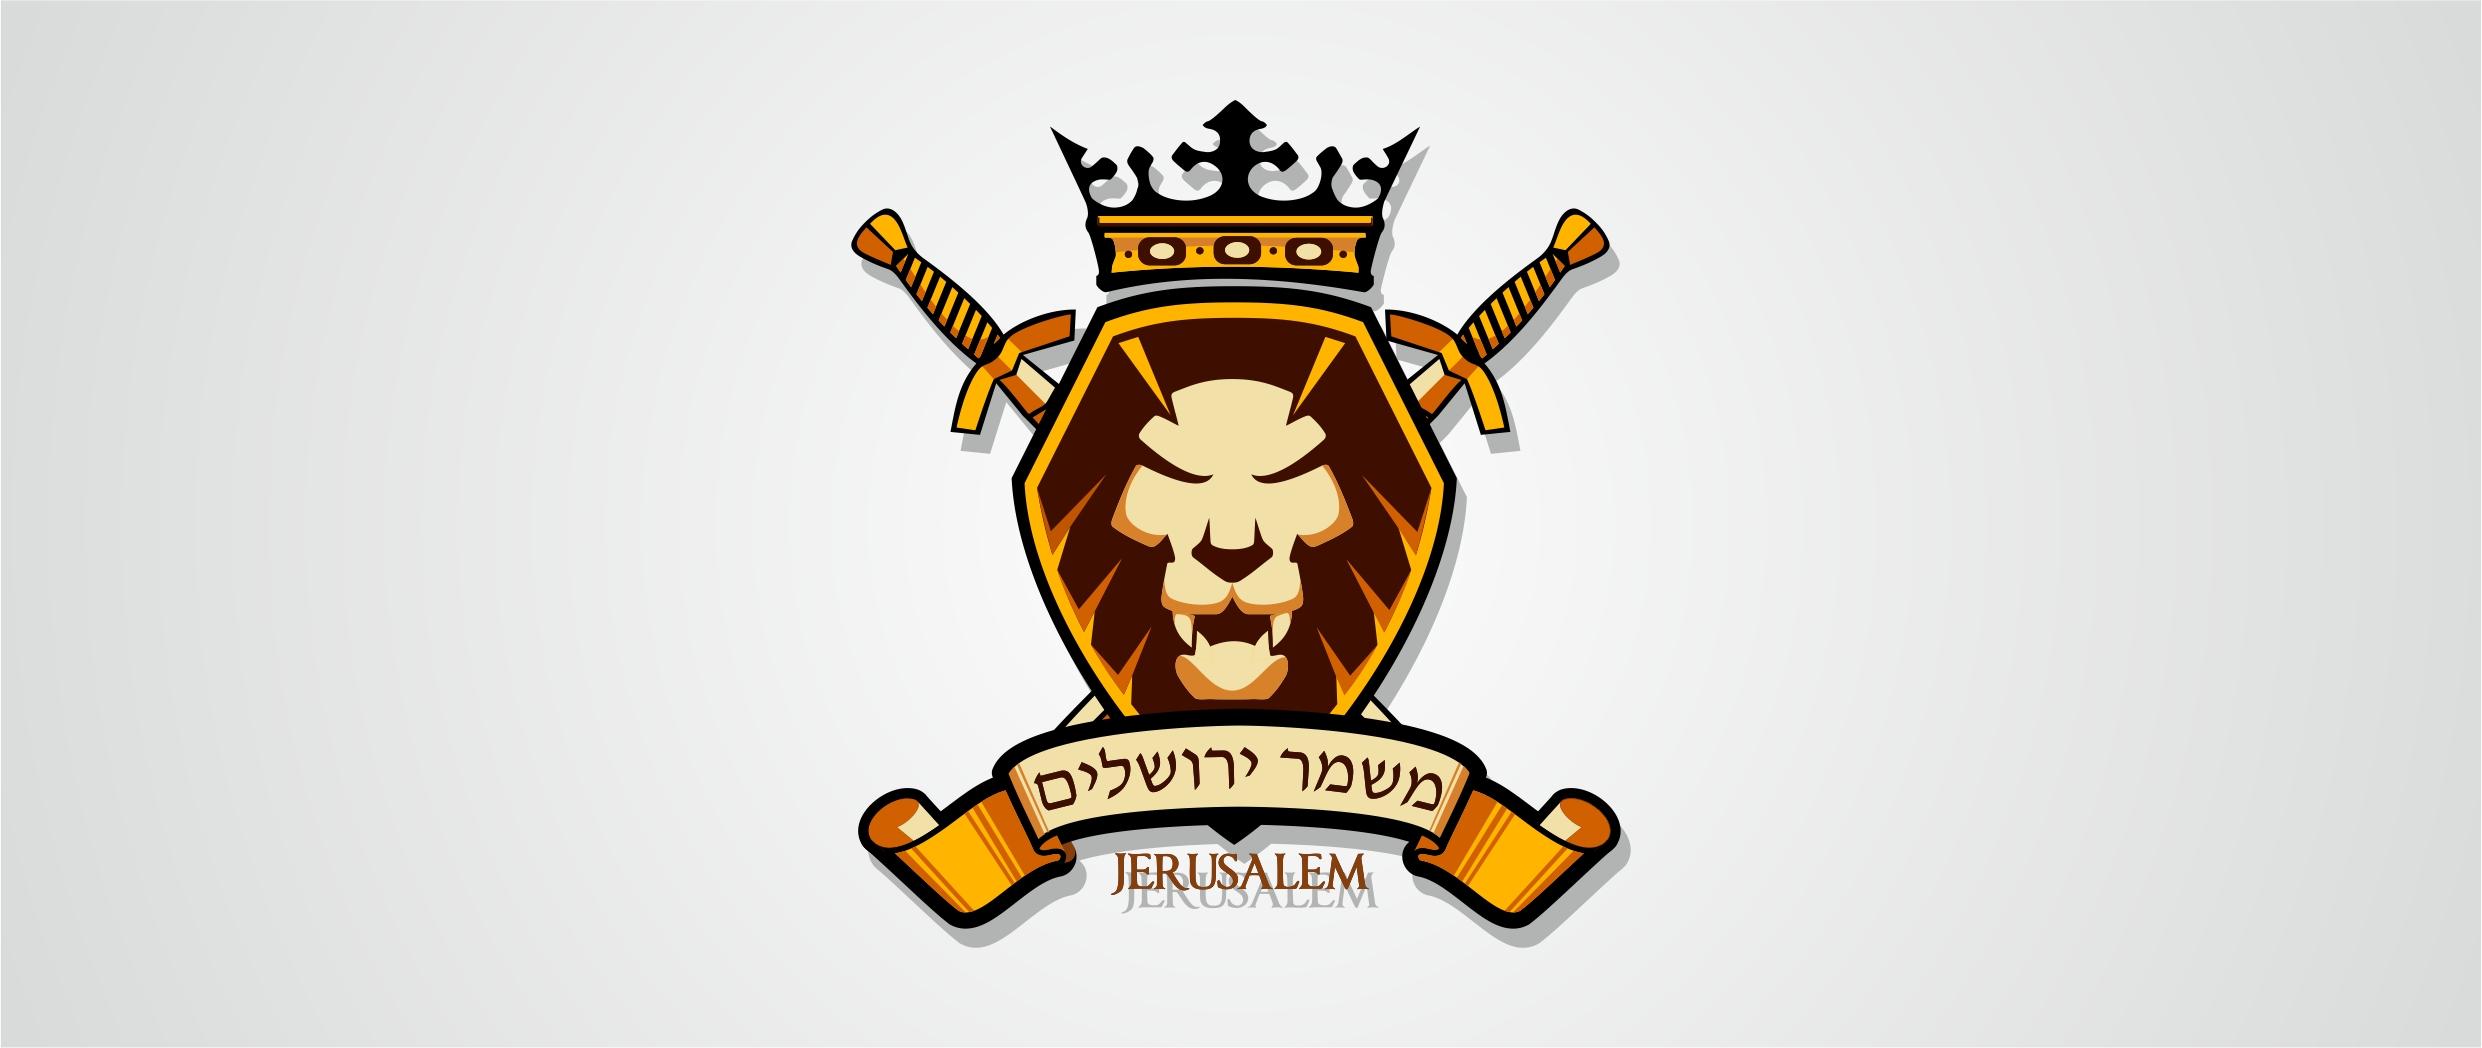 Разработка логотипа. Компания Страж Иерусалима фото f_62451f89a769d4e6.jpg